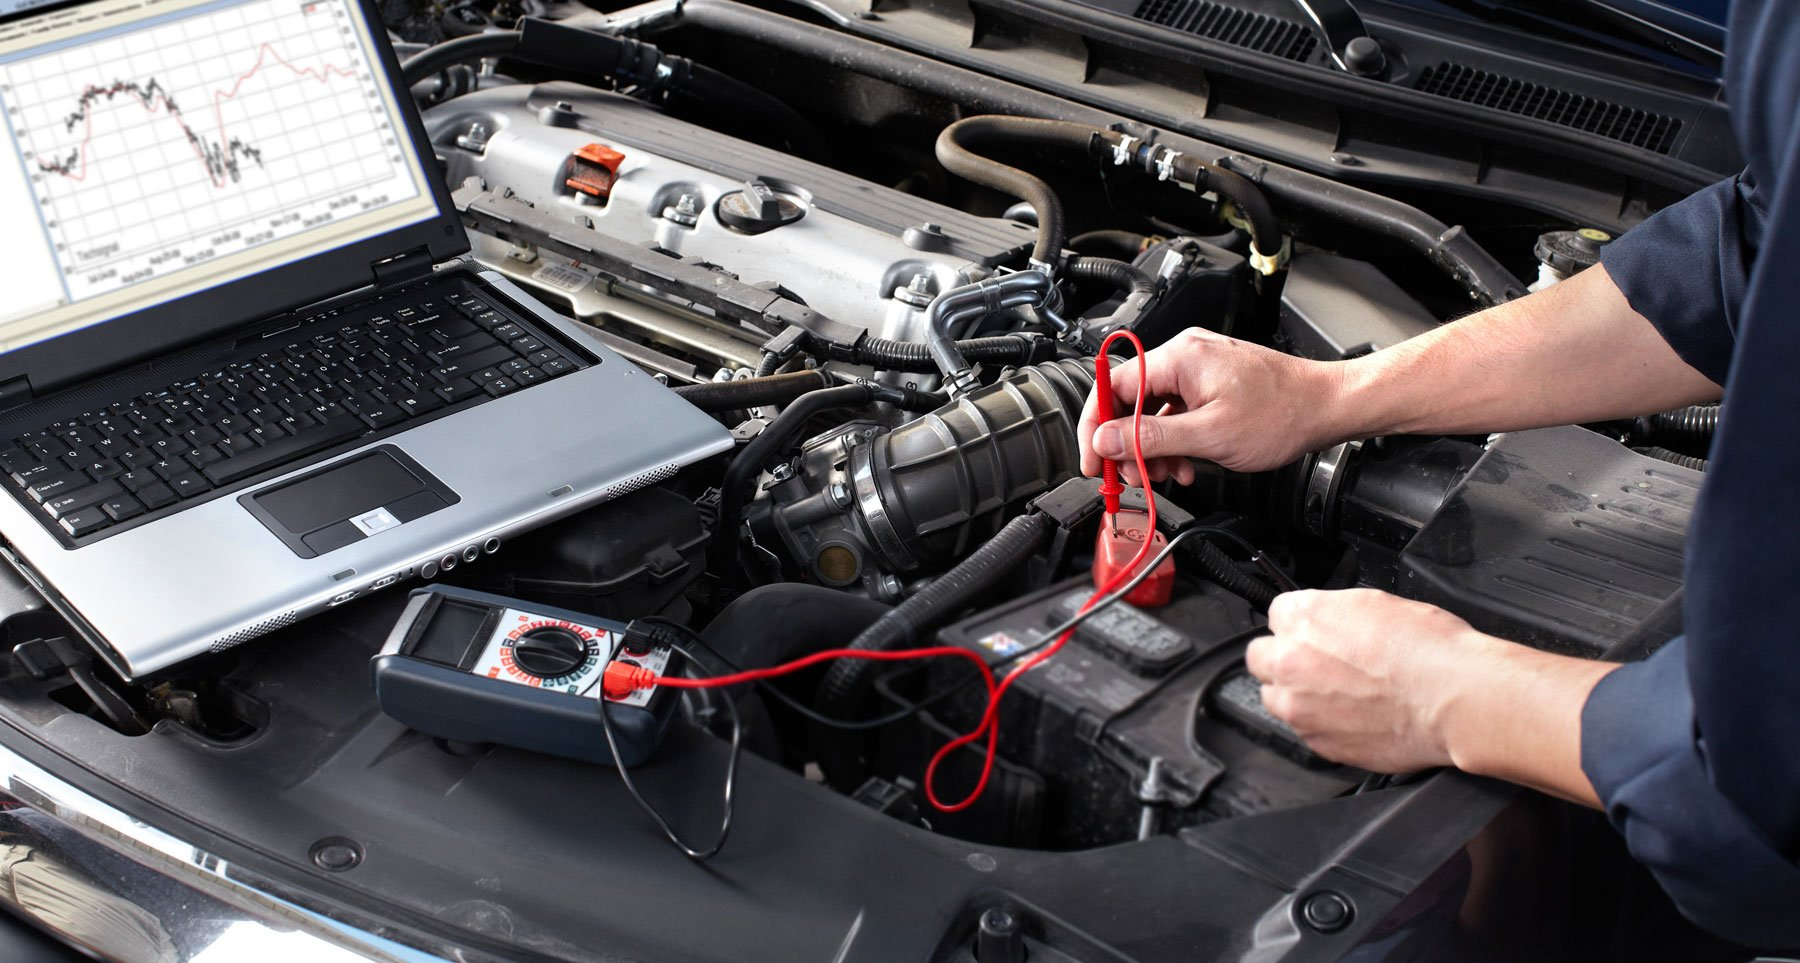 un meccanico con un computer portatile appoggiato sul motore di una macchina e un tester in mano